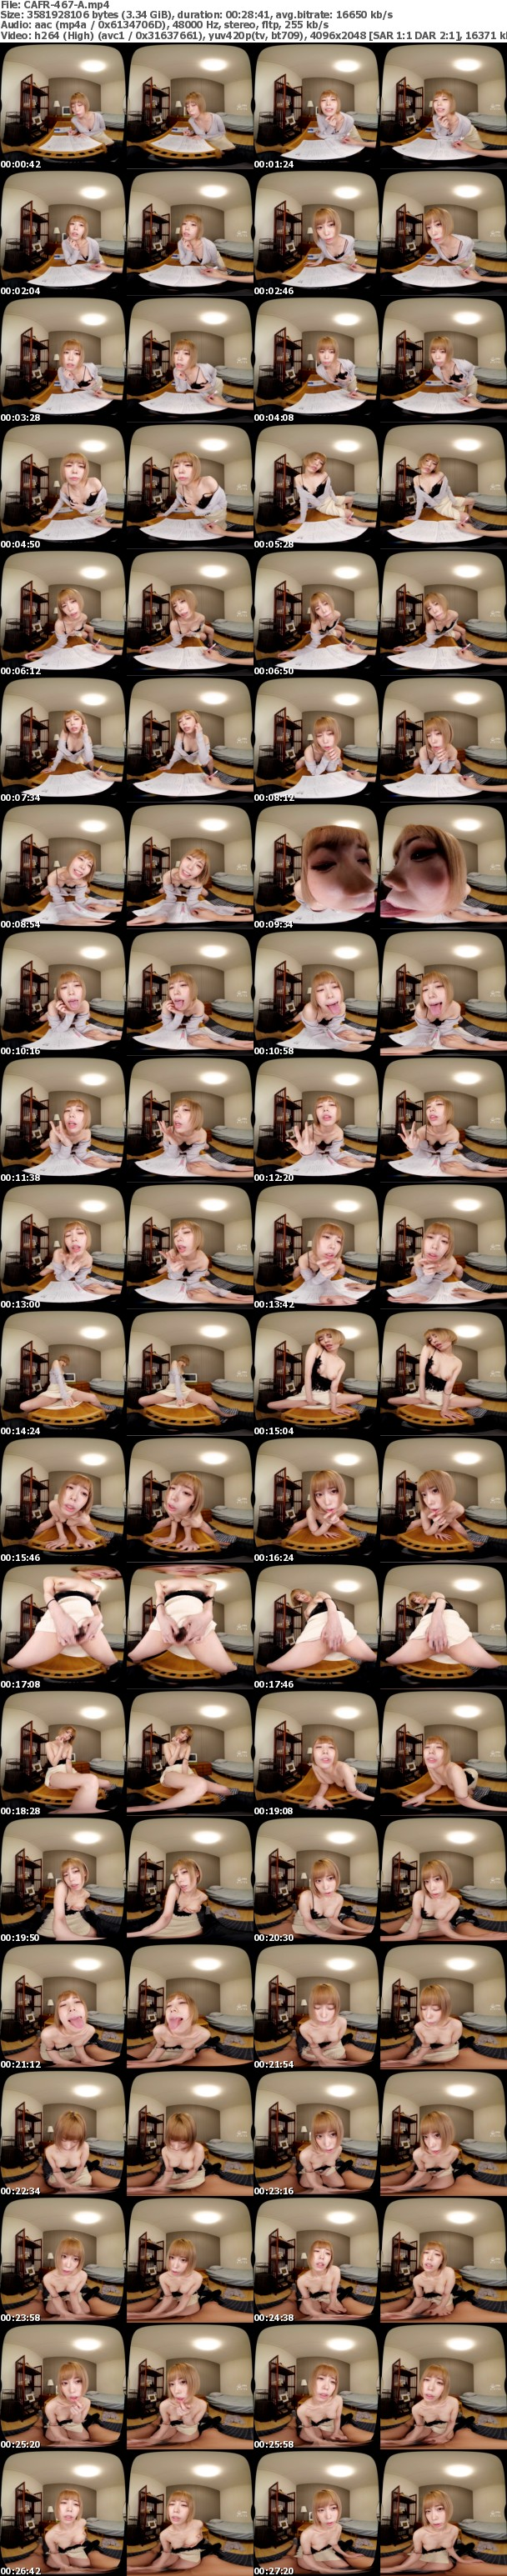 (VR) CAFR-467 裏家庭教師のカサノバ ノーパンノーブラで誘惑してくる金髪ショートカットの美乳教師 川菜美鈴